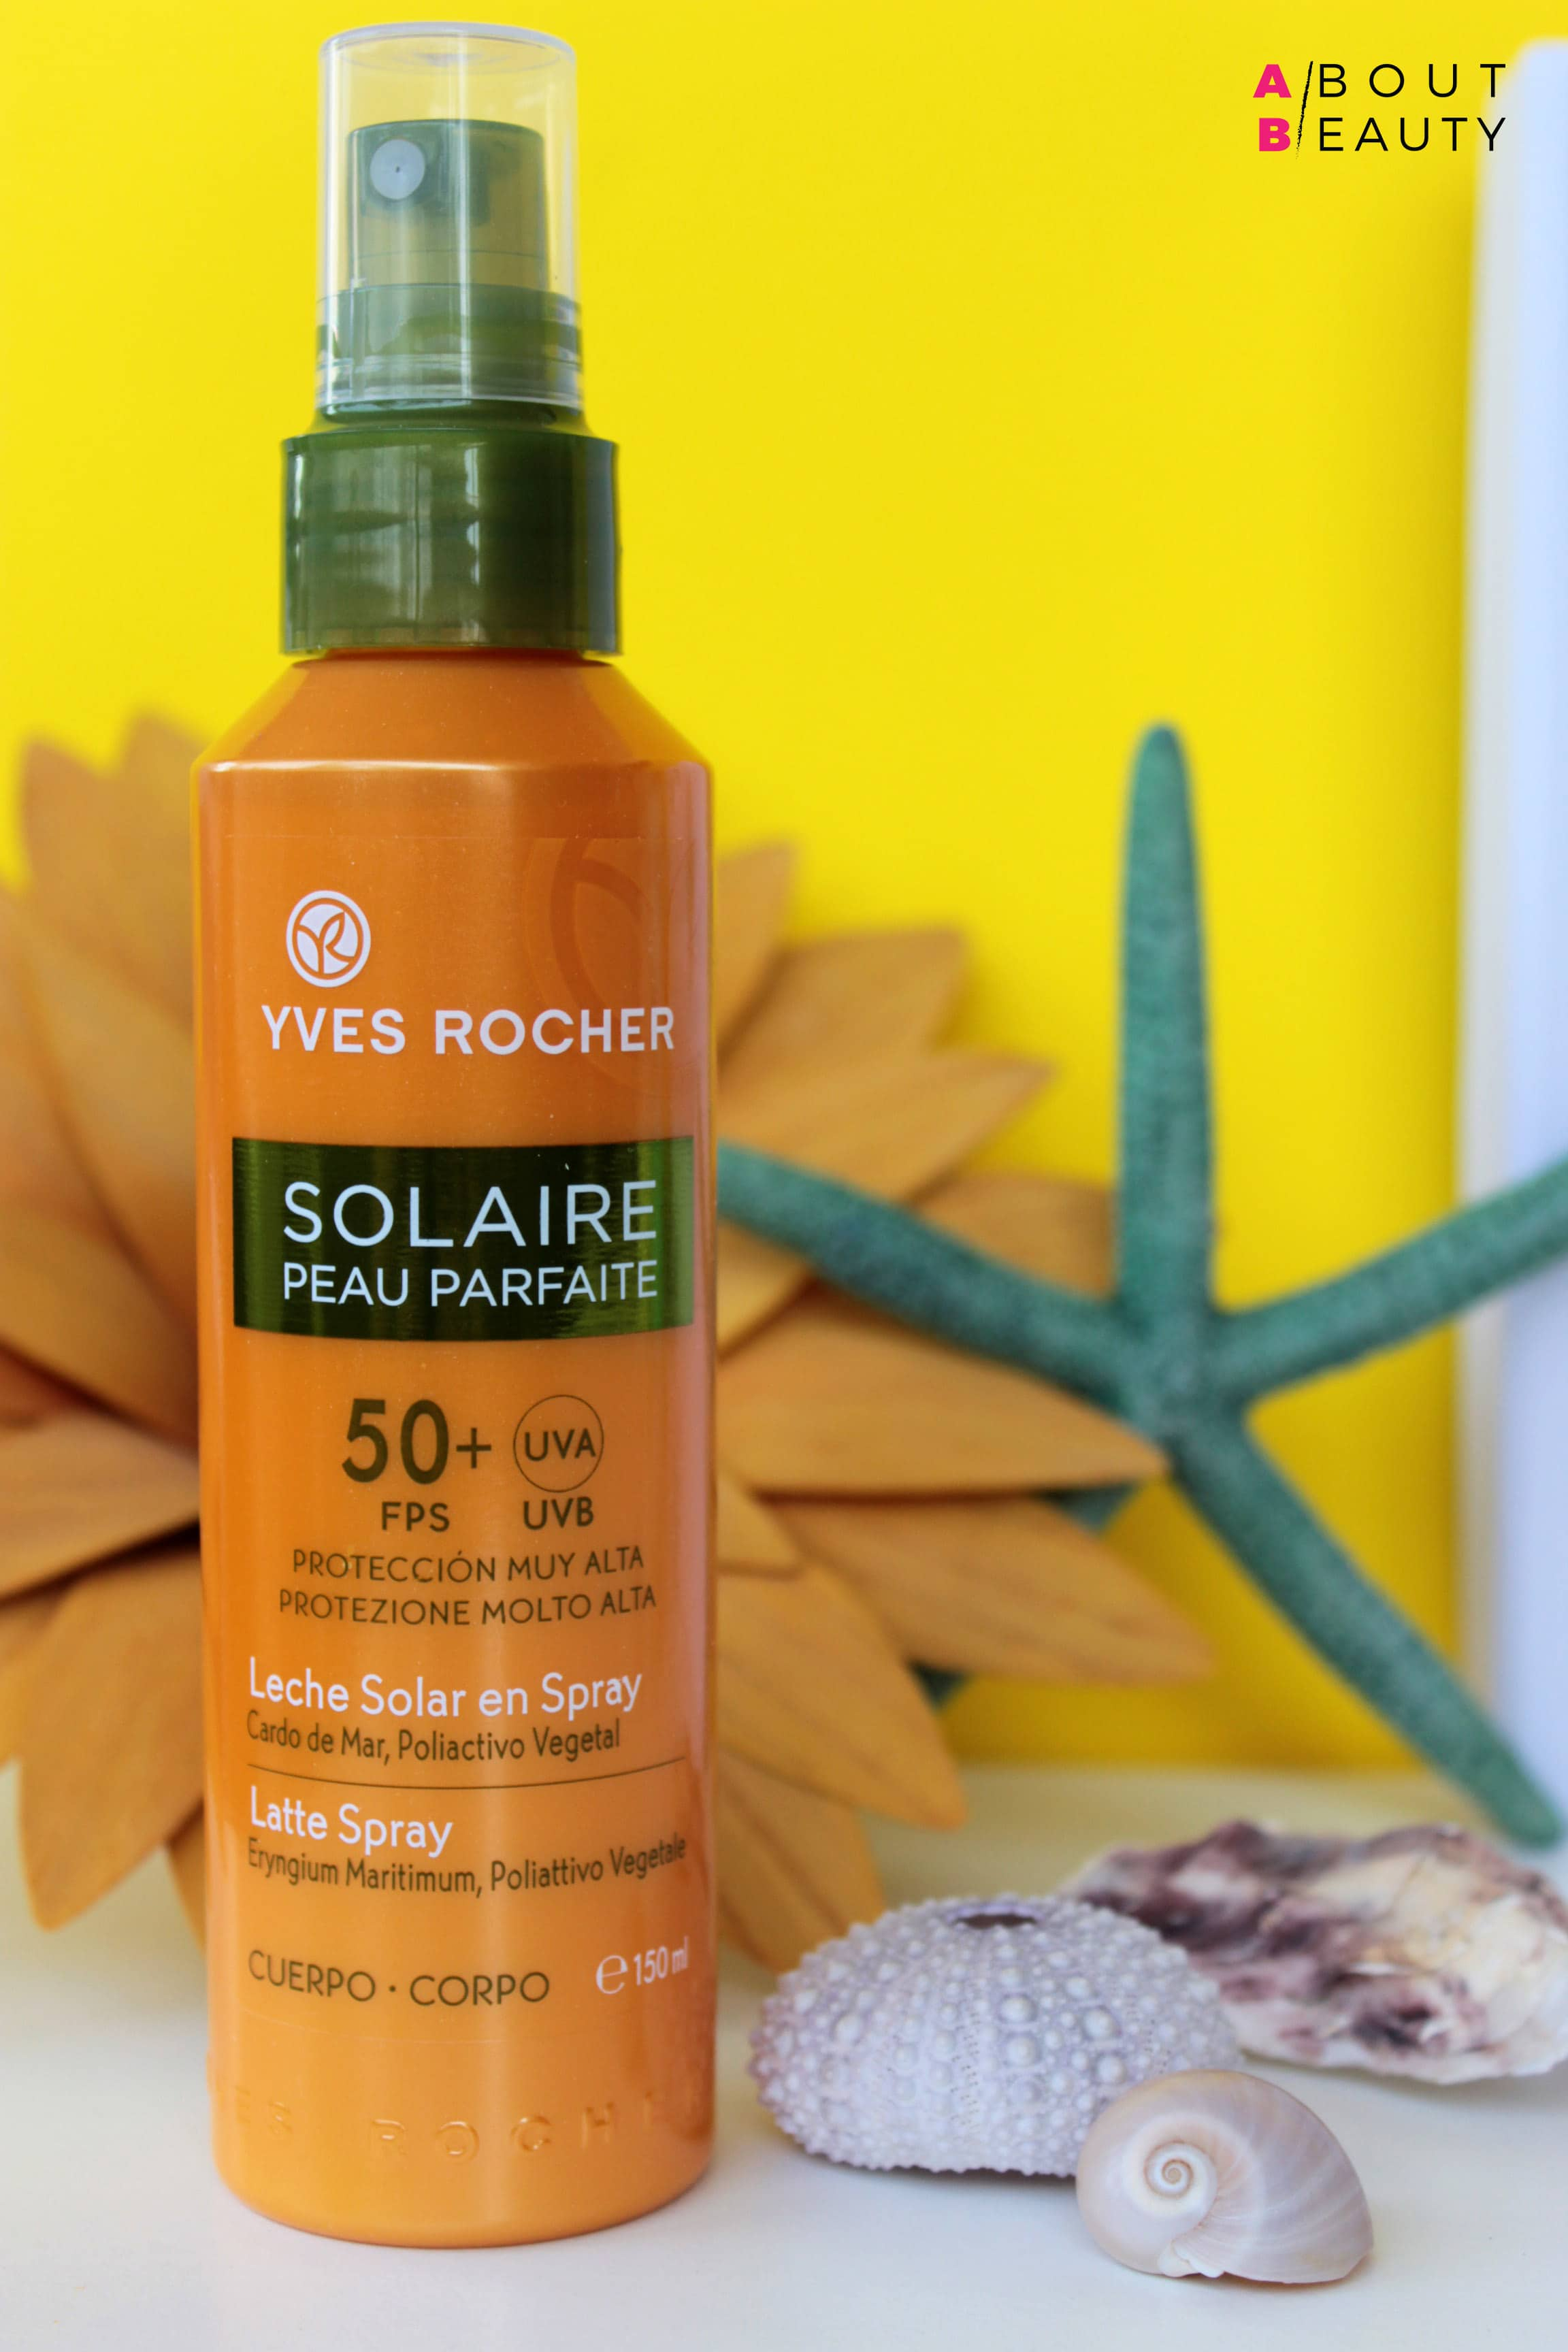 Al mare con i solari Yves Rocher Solaire Peau Parfaite - Latte Spray Corpo SPF 50+ - Recensione, info, prezzo